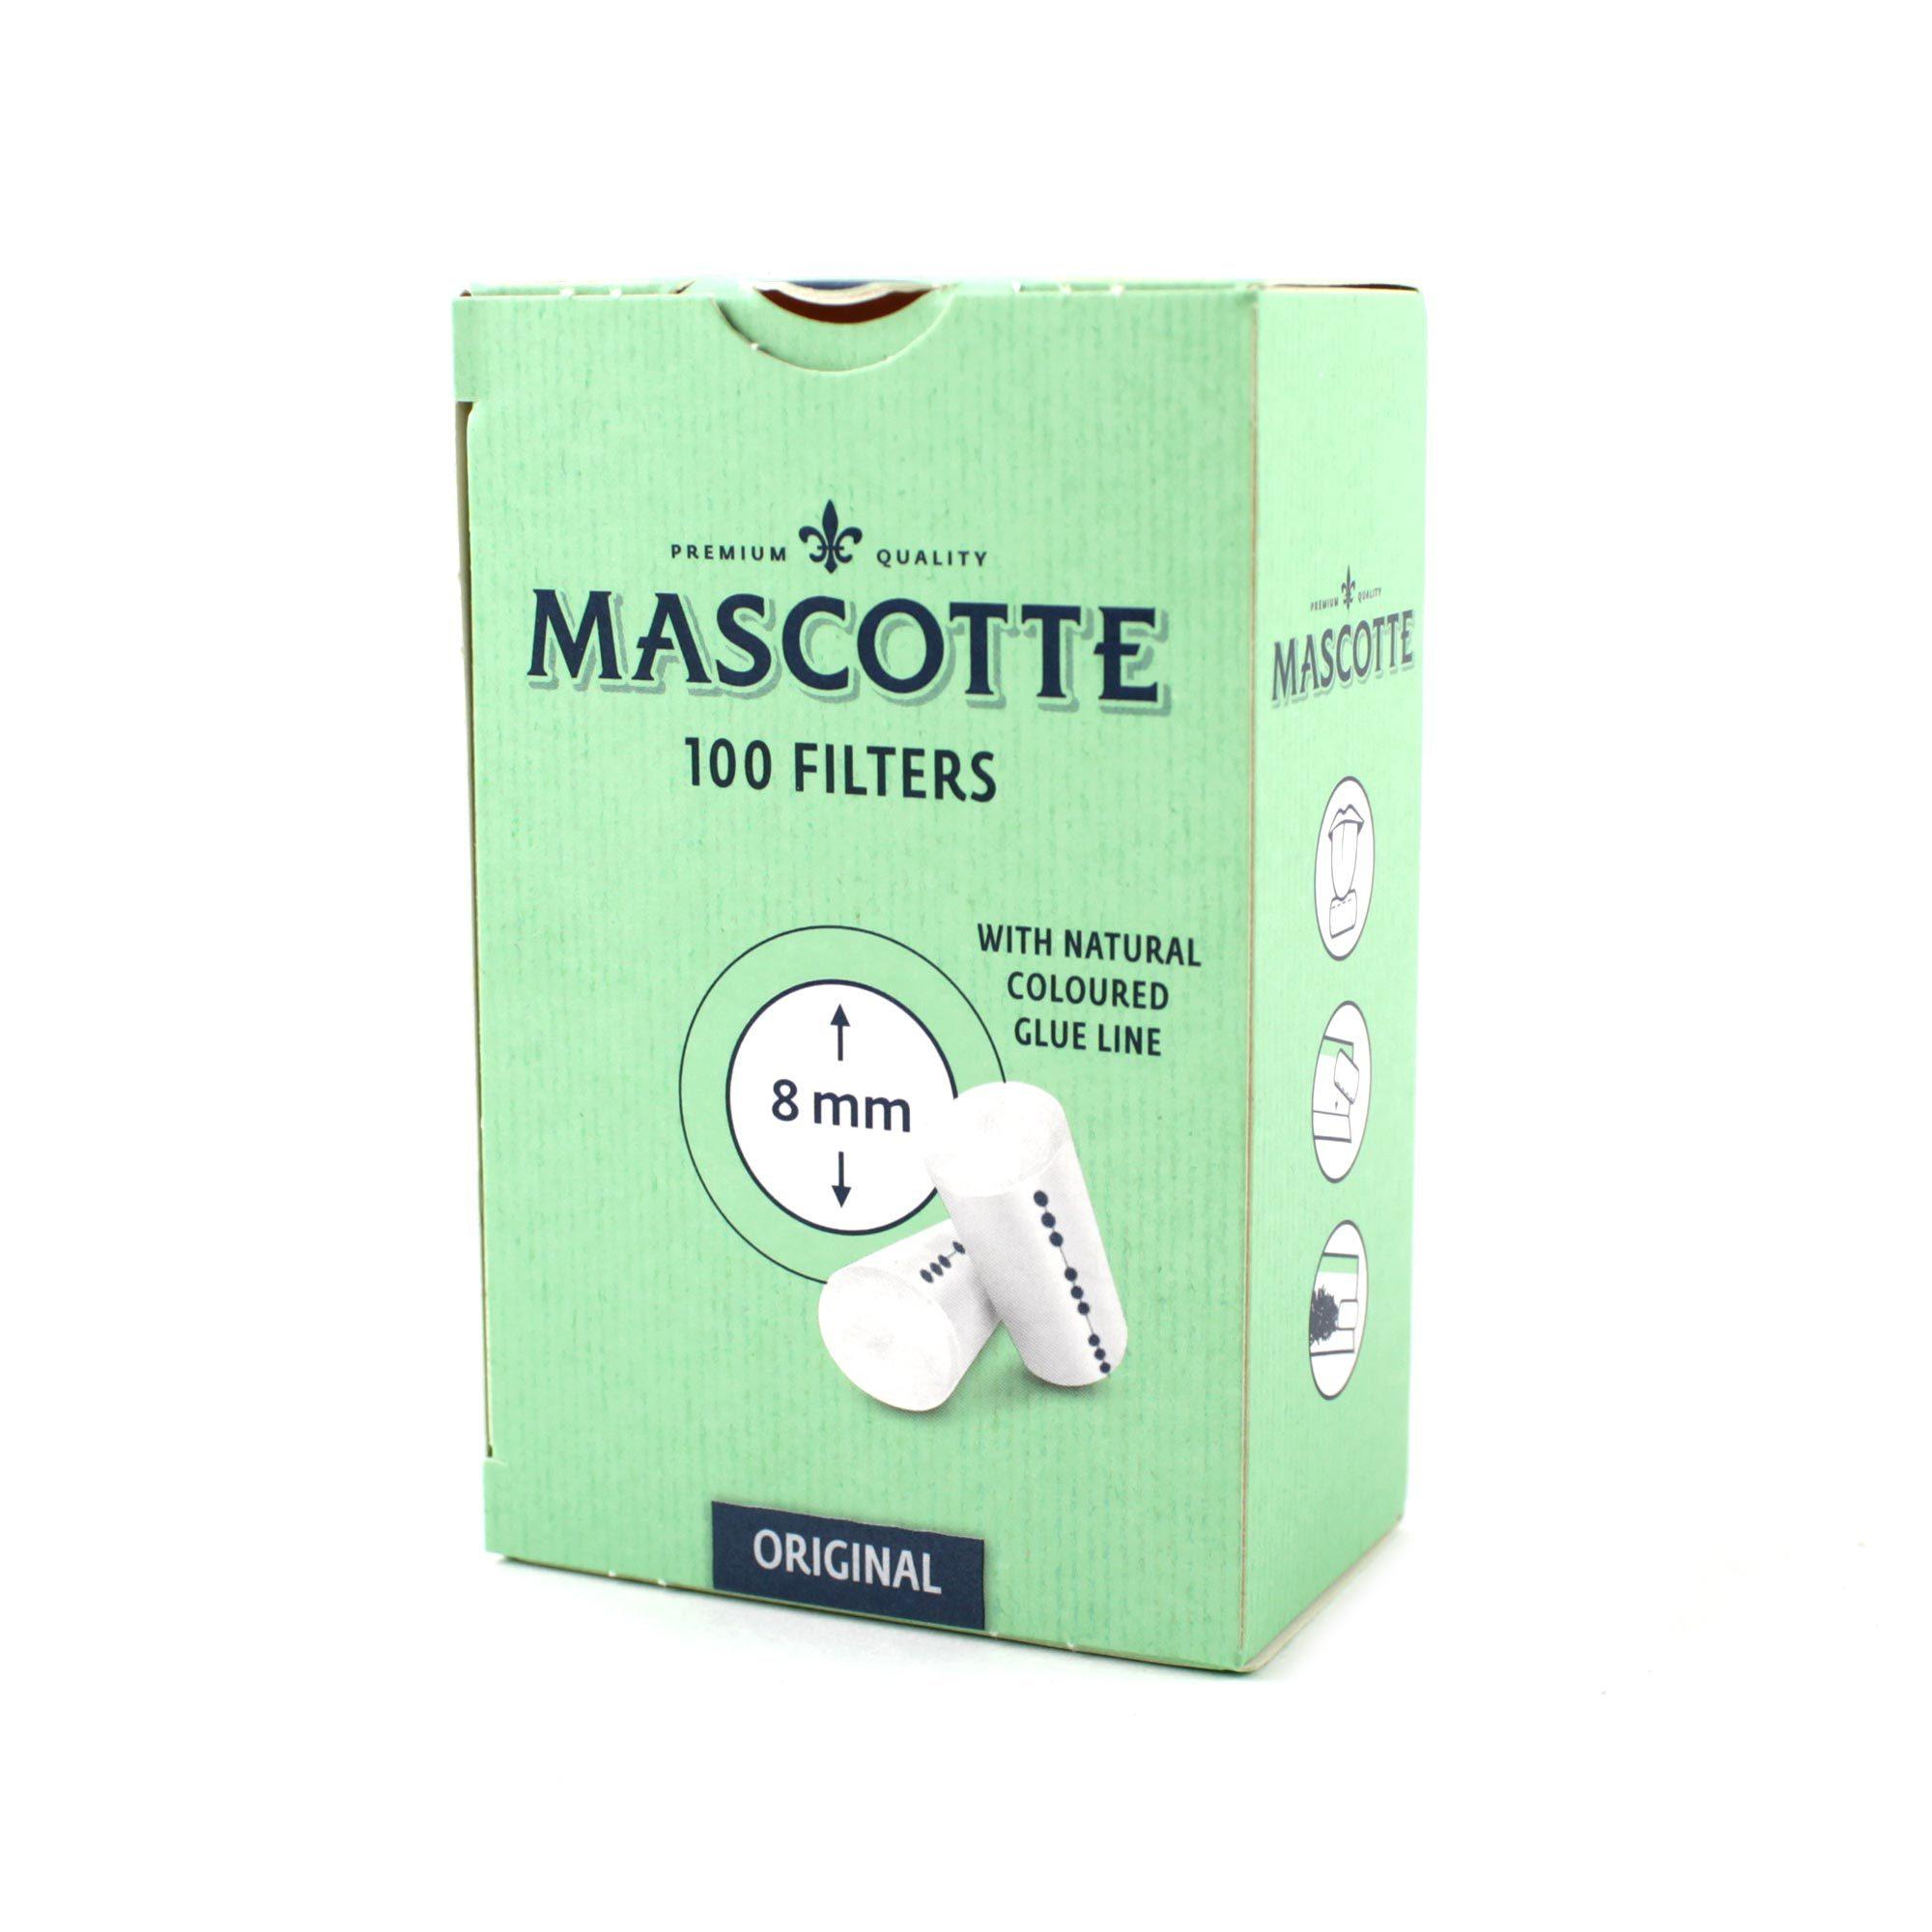 Сигаретные фильтры MASCOTTE Filters 8mm 100 шт